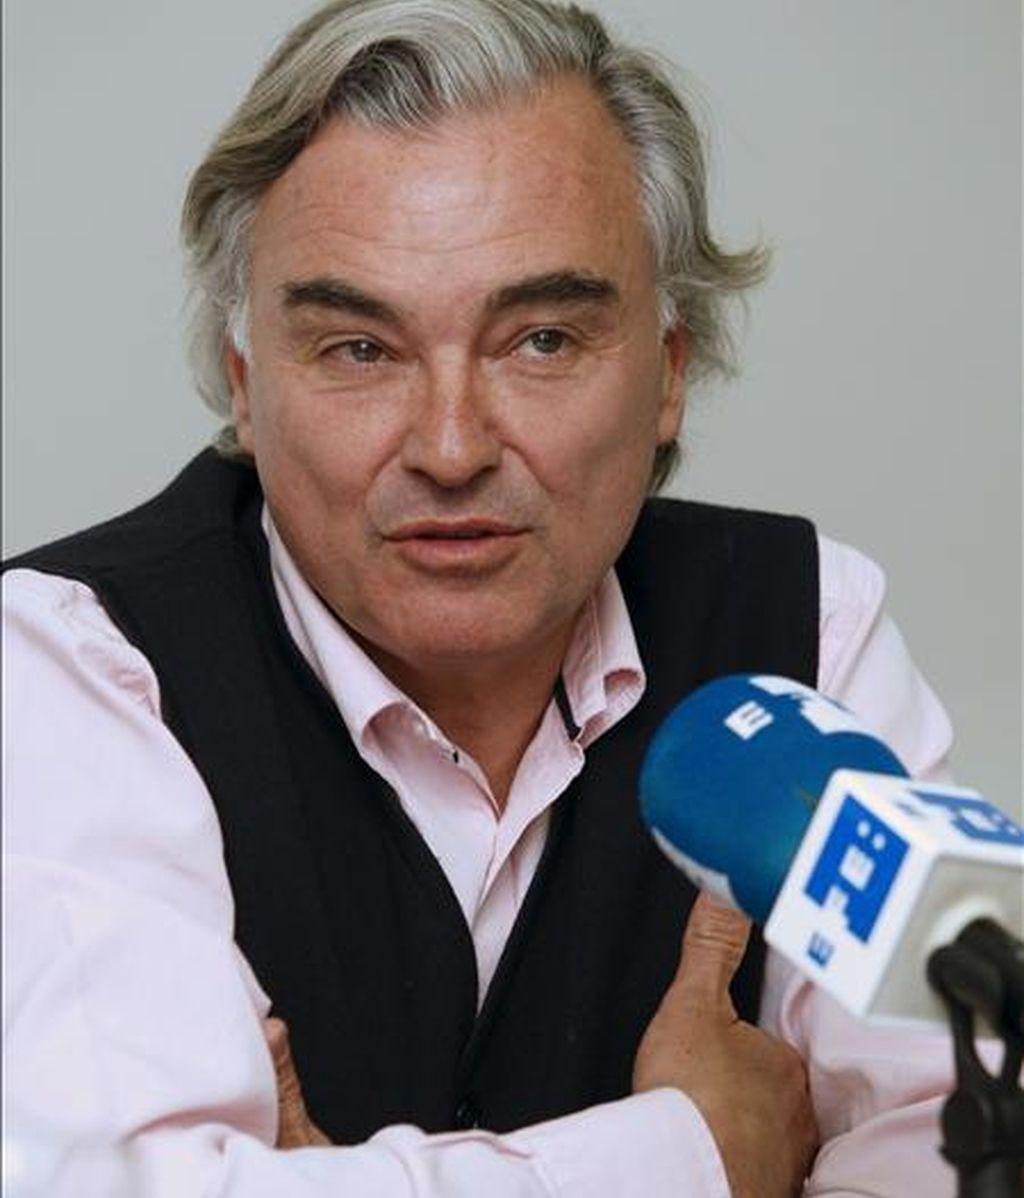 El productor y cineasta y  presidente de la Academia, Eduardo Campoy quien presidió el jurado del I Concurso de Cortos de la Academia de Cine y RNE. EFE/Archivo